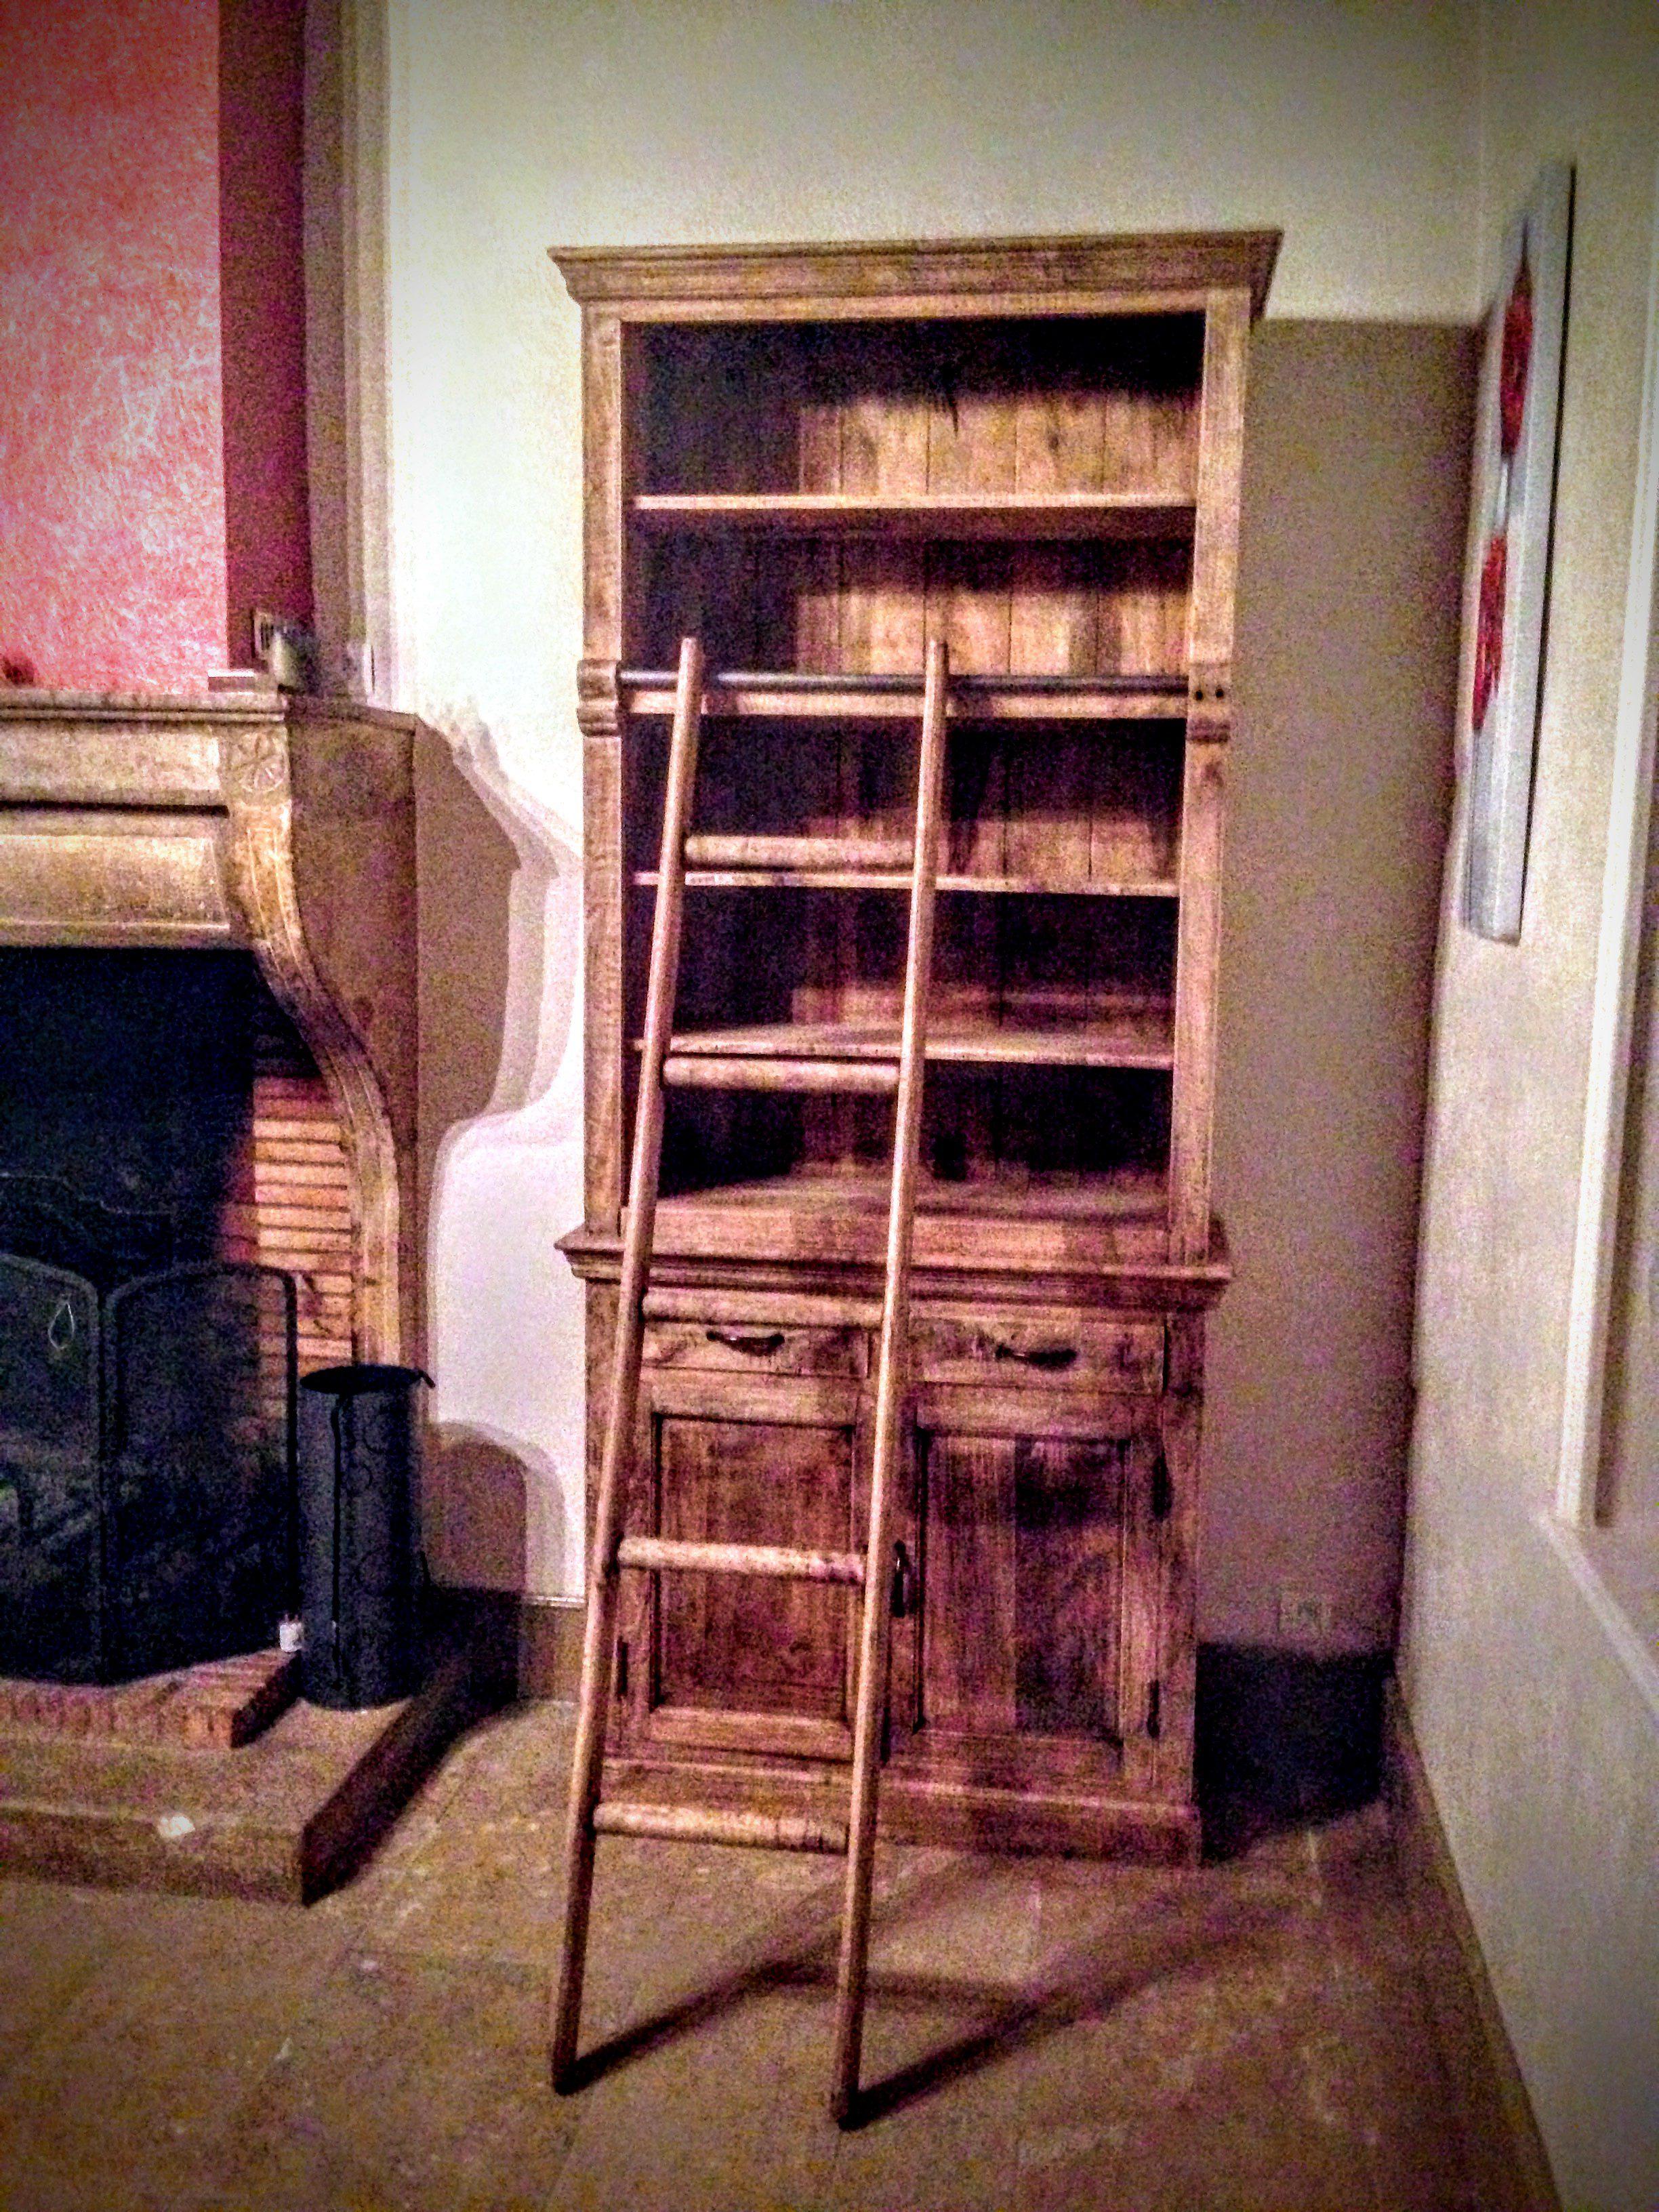 biblioth que avec chelle coulissante en bois recycl. Black Bedroom Furniture Sets. Home Design Ideas